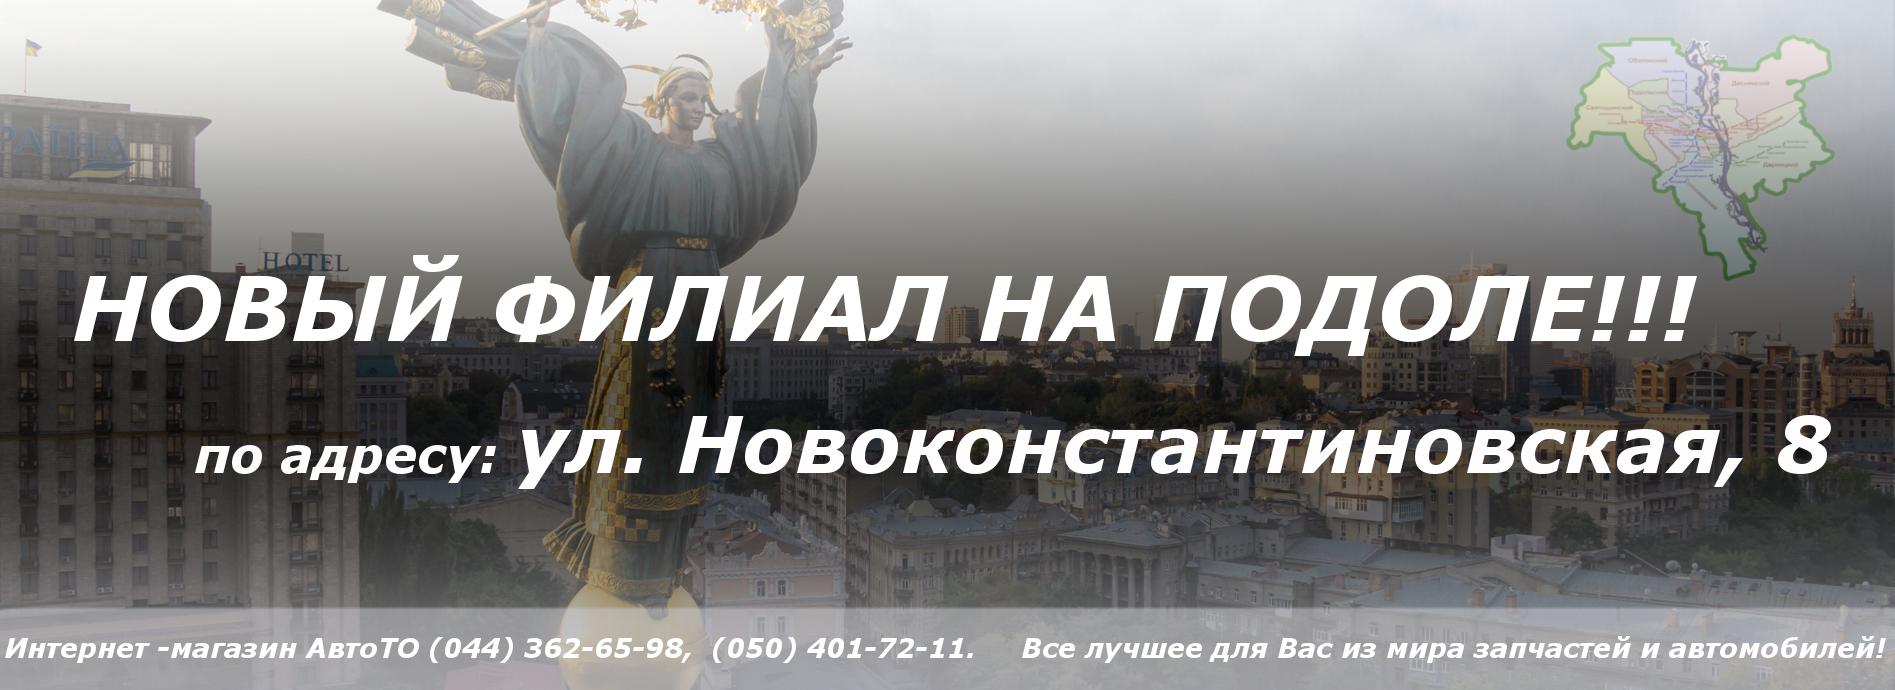 Интернет-магазин АвтоТО